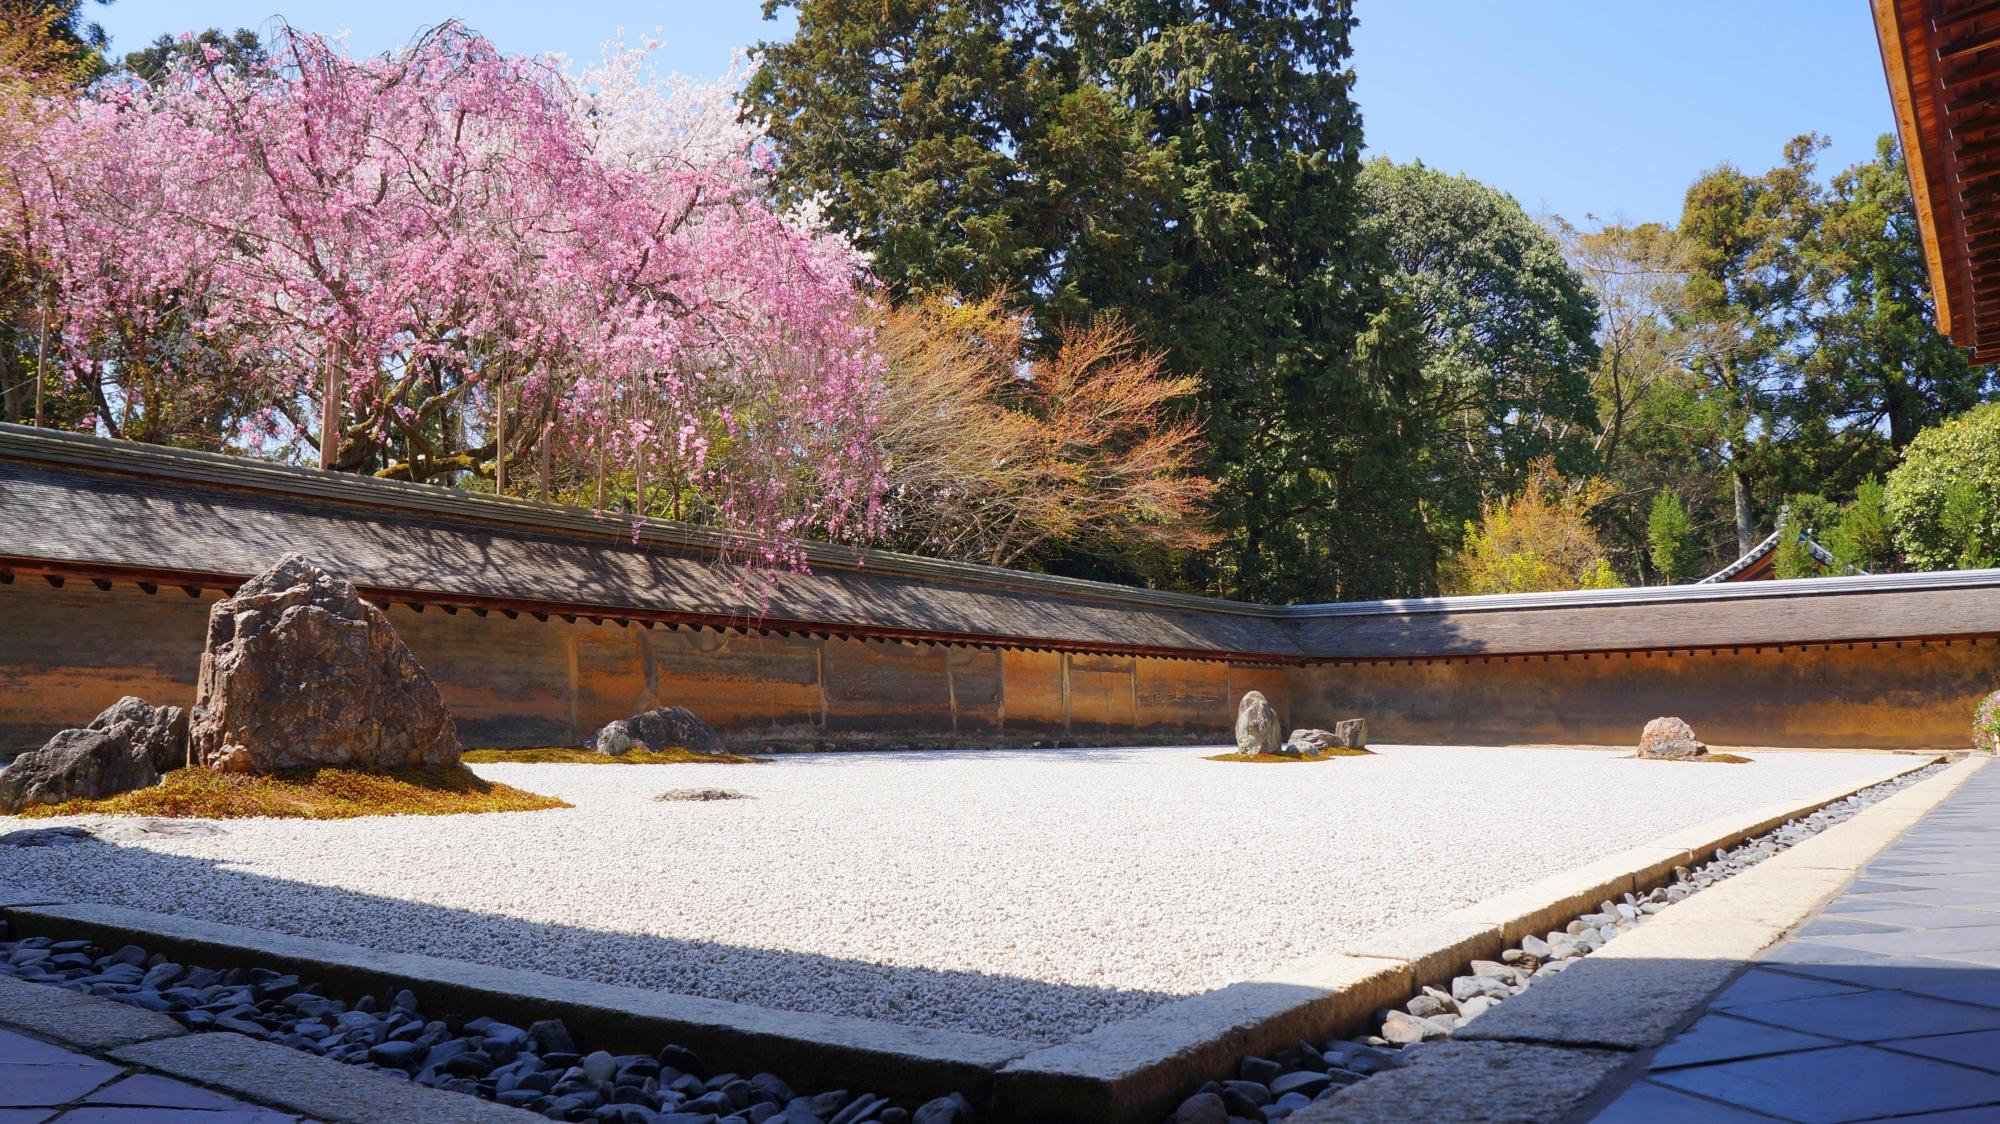 様々な見方ができる龍安寺の春の石庭